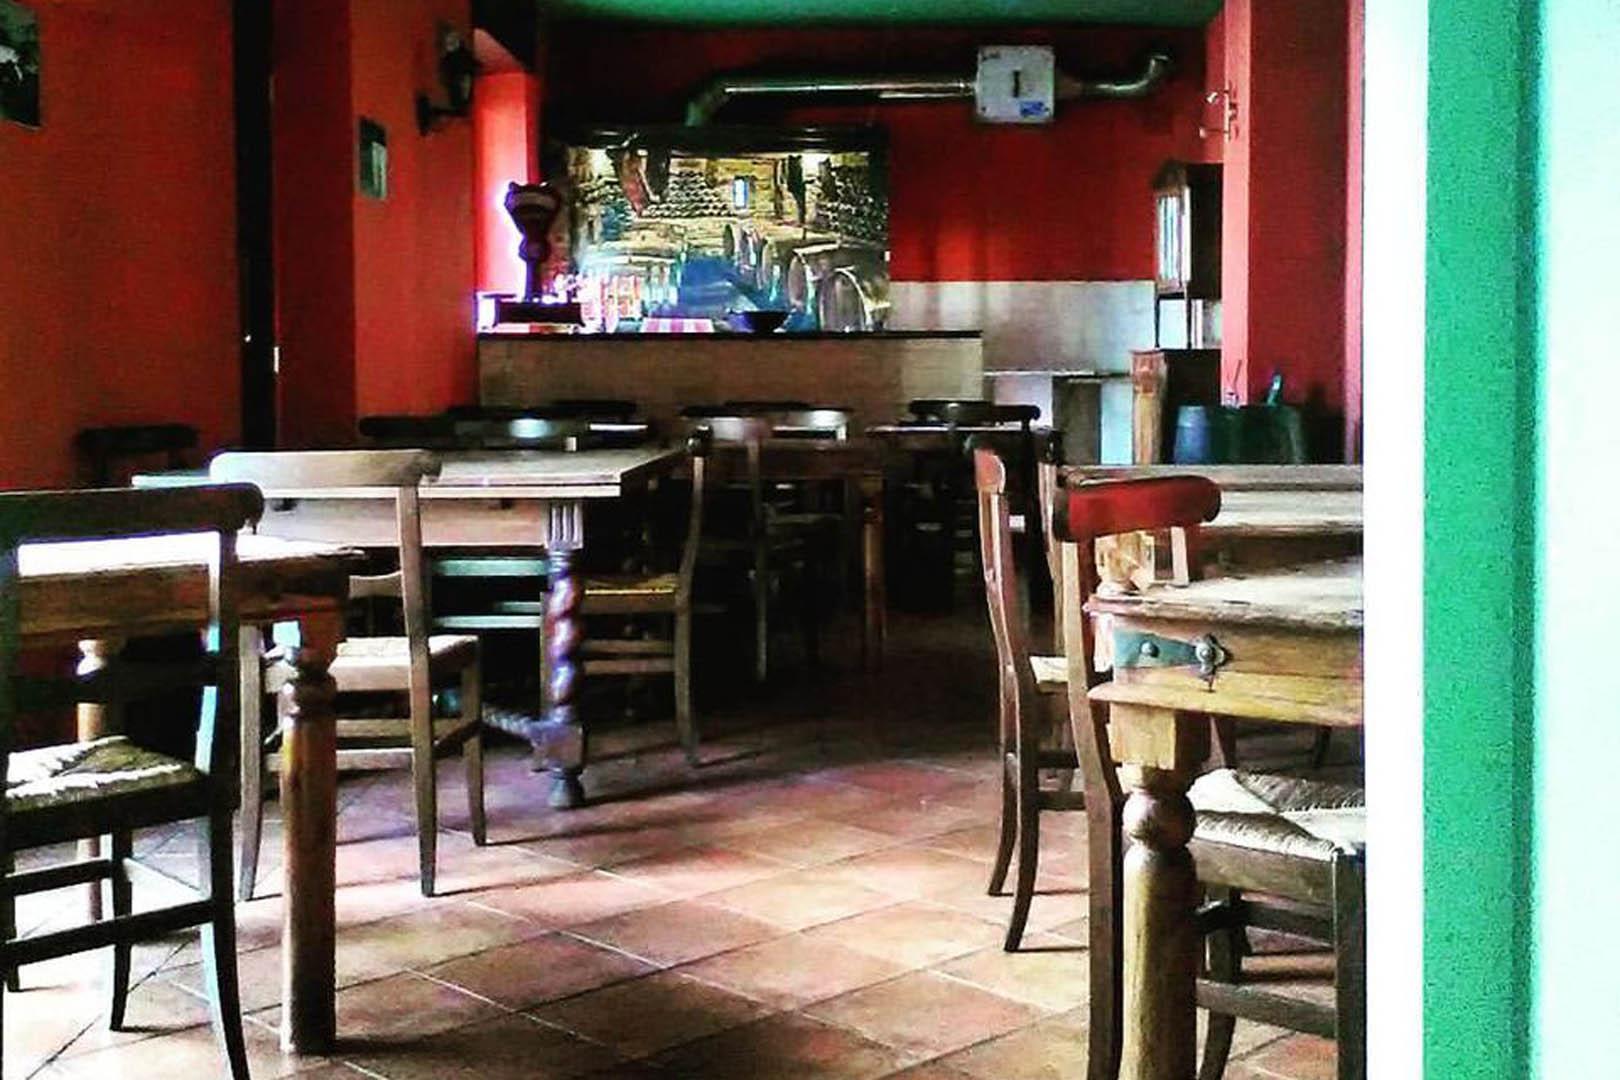 Le Migliori Trattorie e Osterie Di Torino